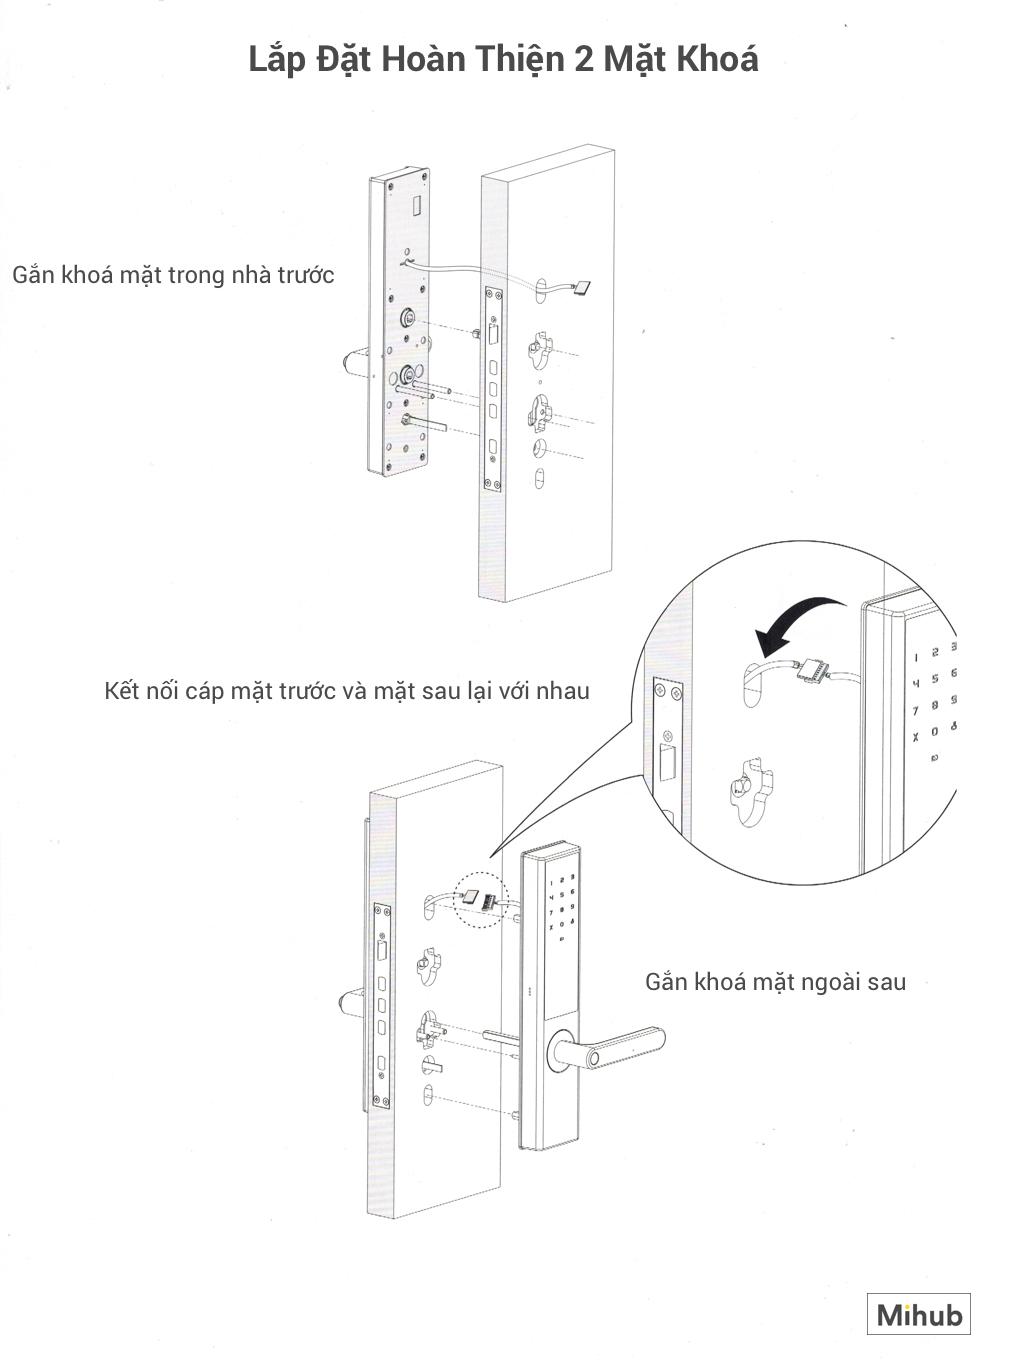 Hướng Dẫn Lắp Đặt Khoá Thông Minh Xiaomi Loock Classic 24